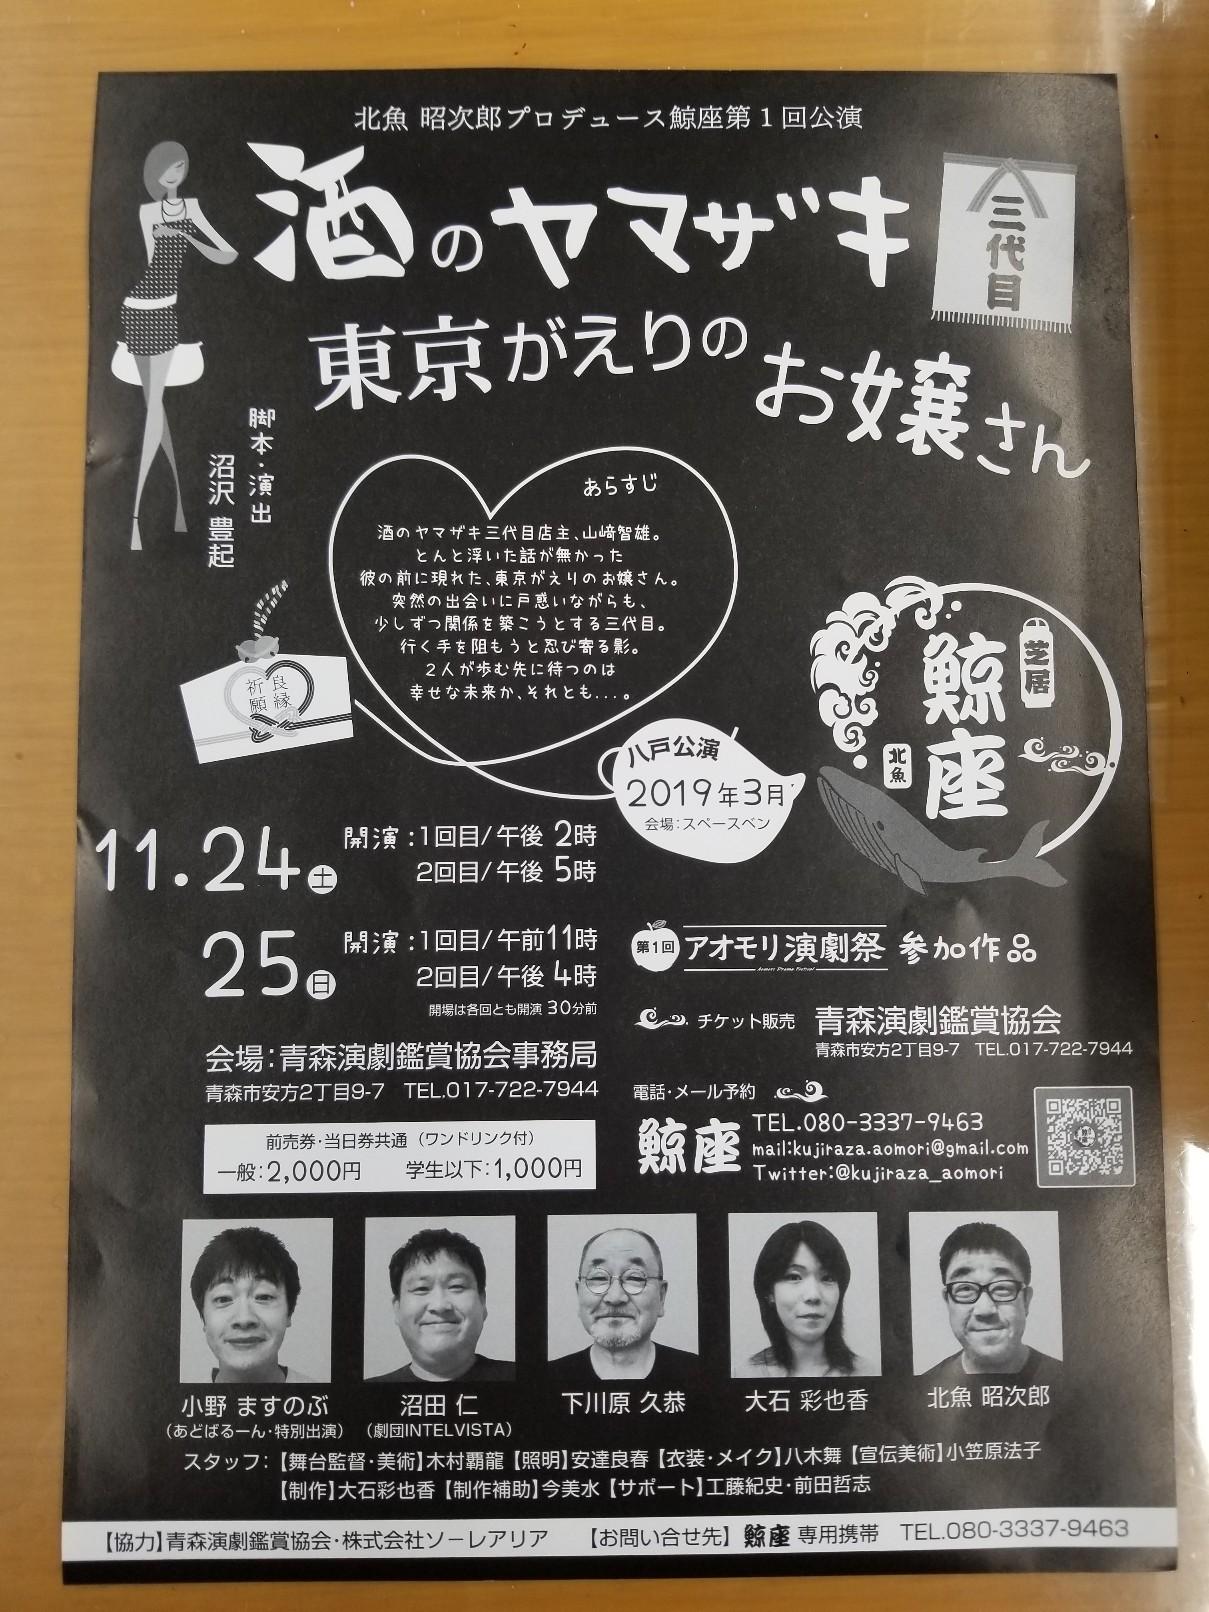 青森で演劇の舞台でます。